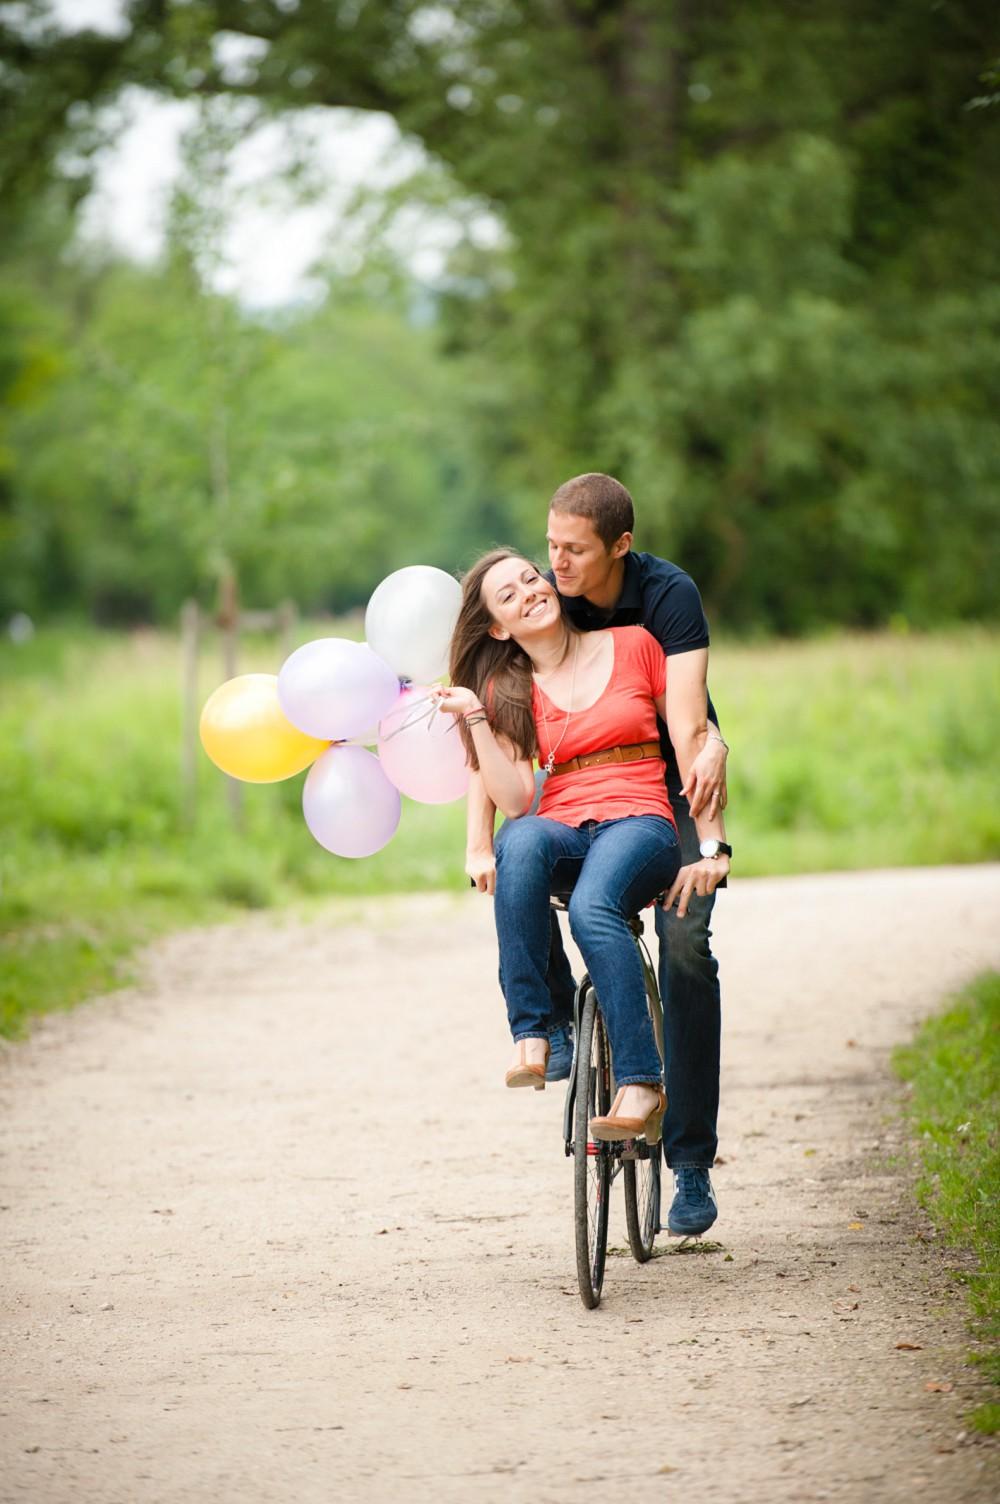 Très Couples | Photographe de Portrait & Mariage Rhône Alpes EE13